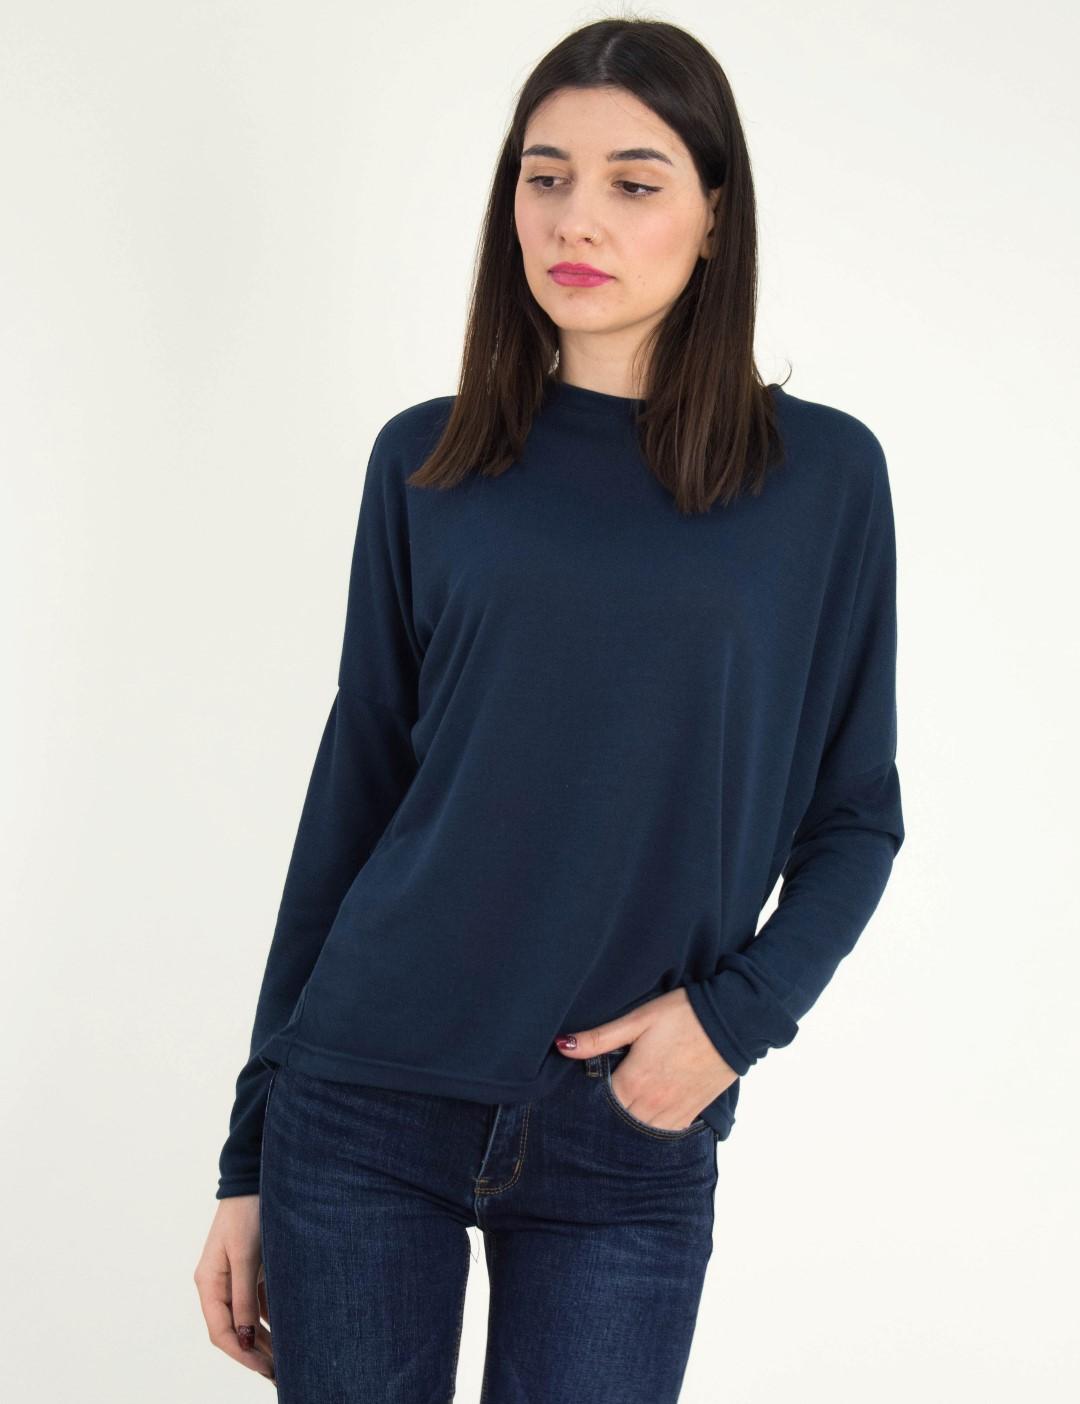 a22052d79854 Γυναικεία μπλε μακρυμάνικη μπλούζα μονόχρωμη 568971